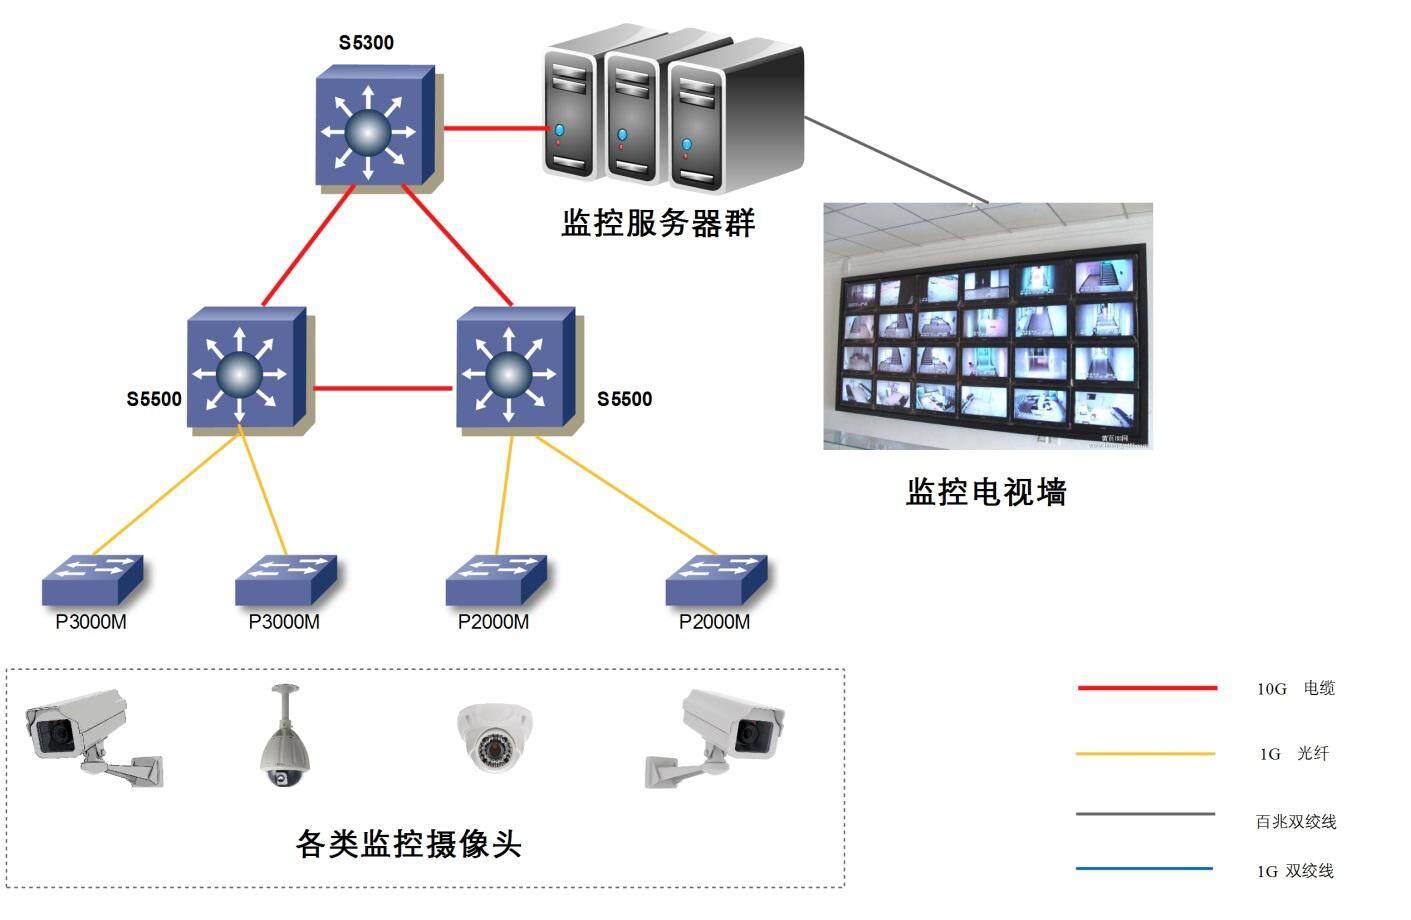 监控系统则不存在这种问题,因为封装成ip包的视频信号通过计算机网络